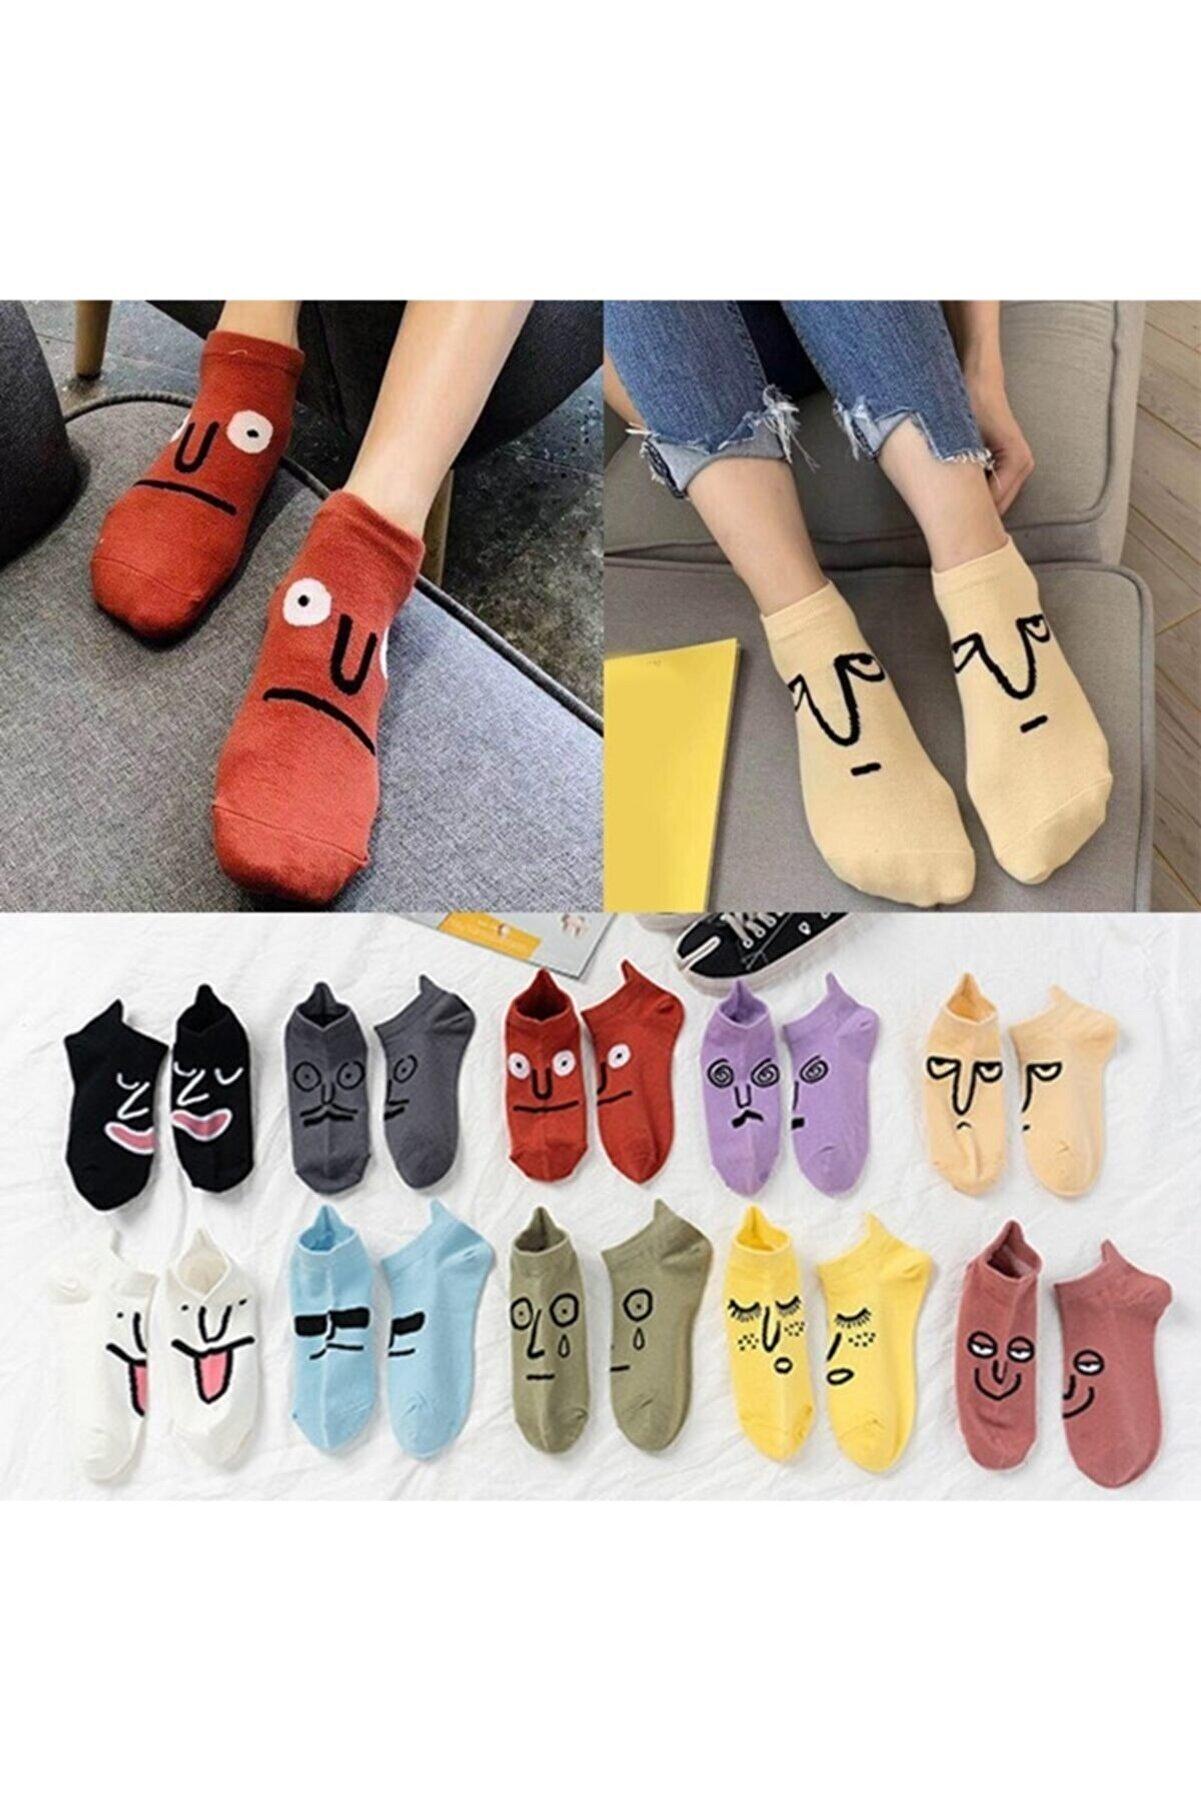 çorapmanya 7 Çift Kadın Komik Yüz' Lü Çoraplar Surat Ifadeli Çok Renkli